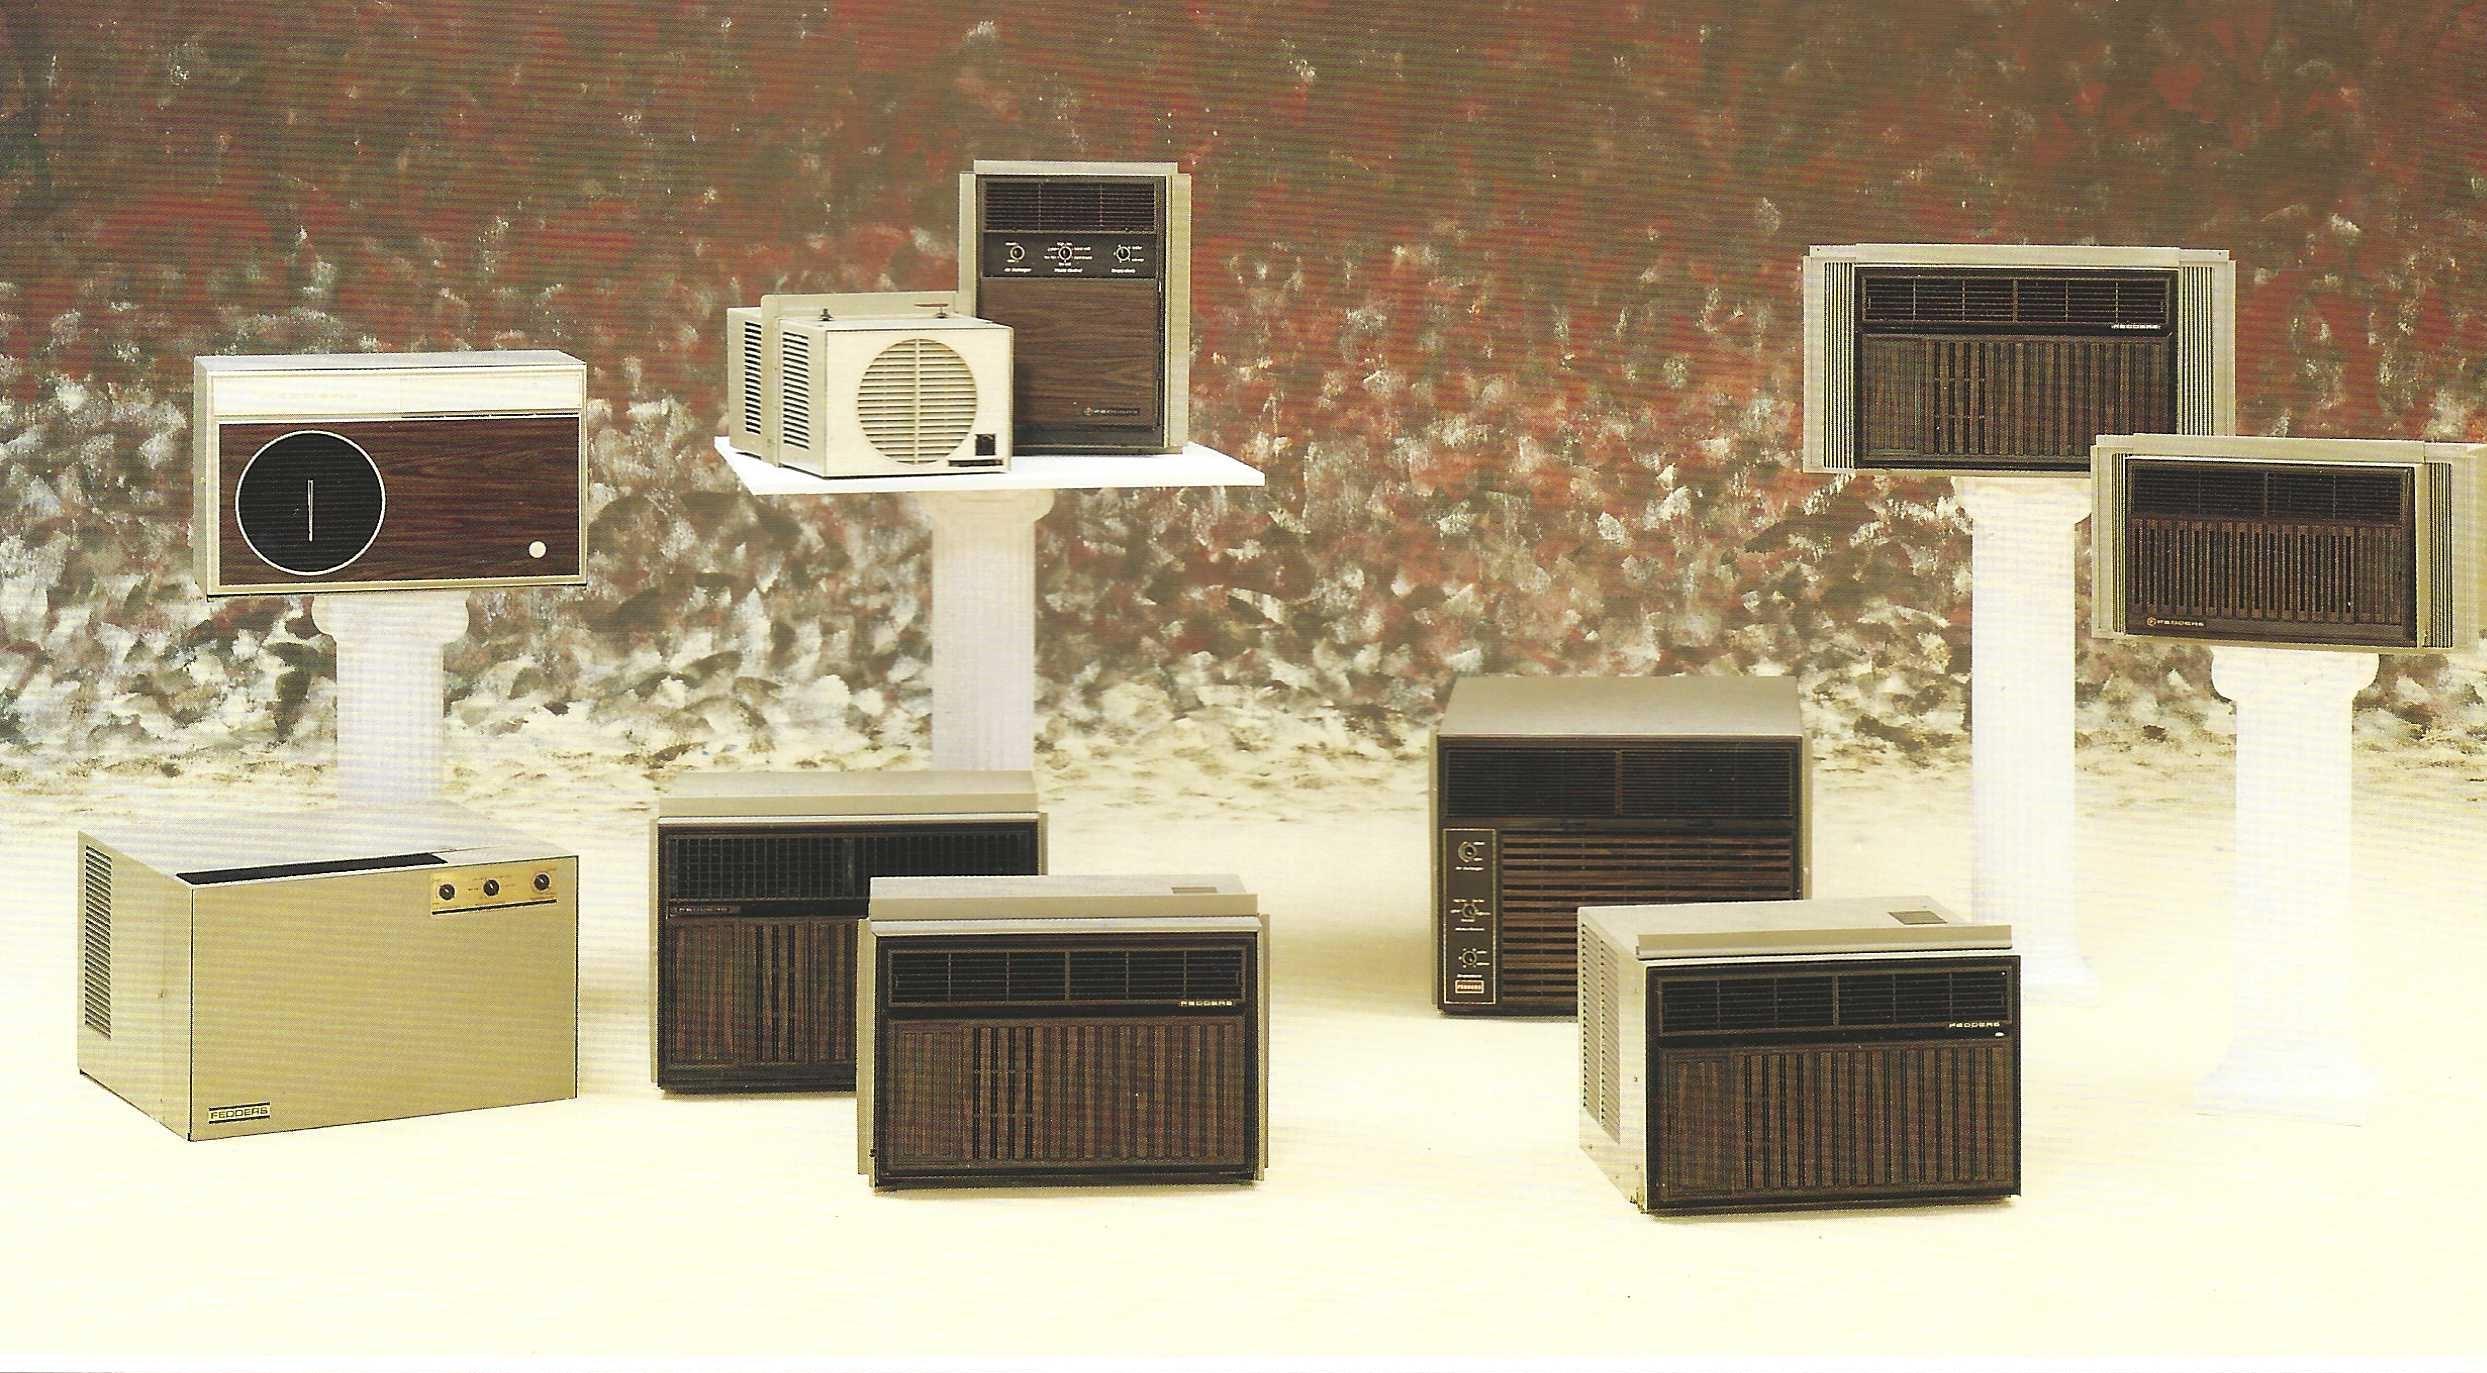 fedders-1988-room-air-conditioner-model-line.jpg